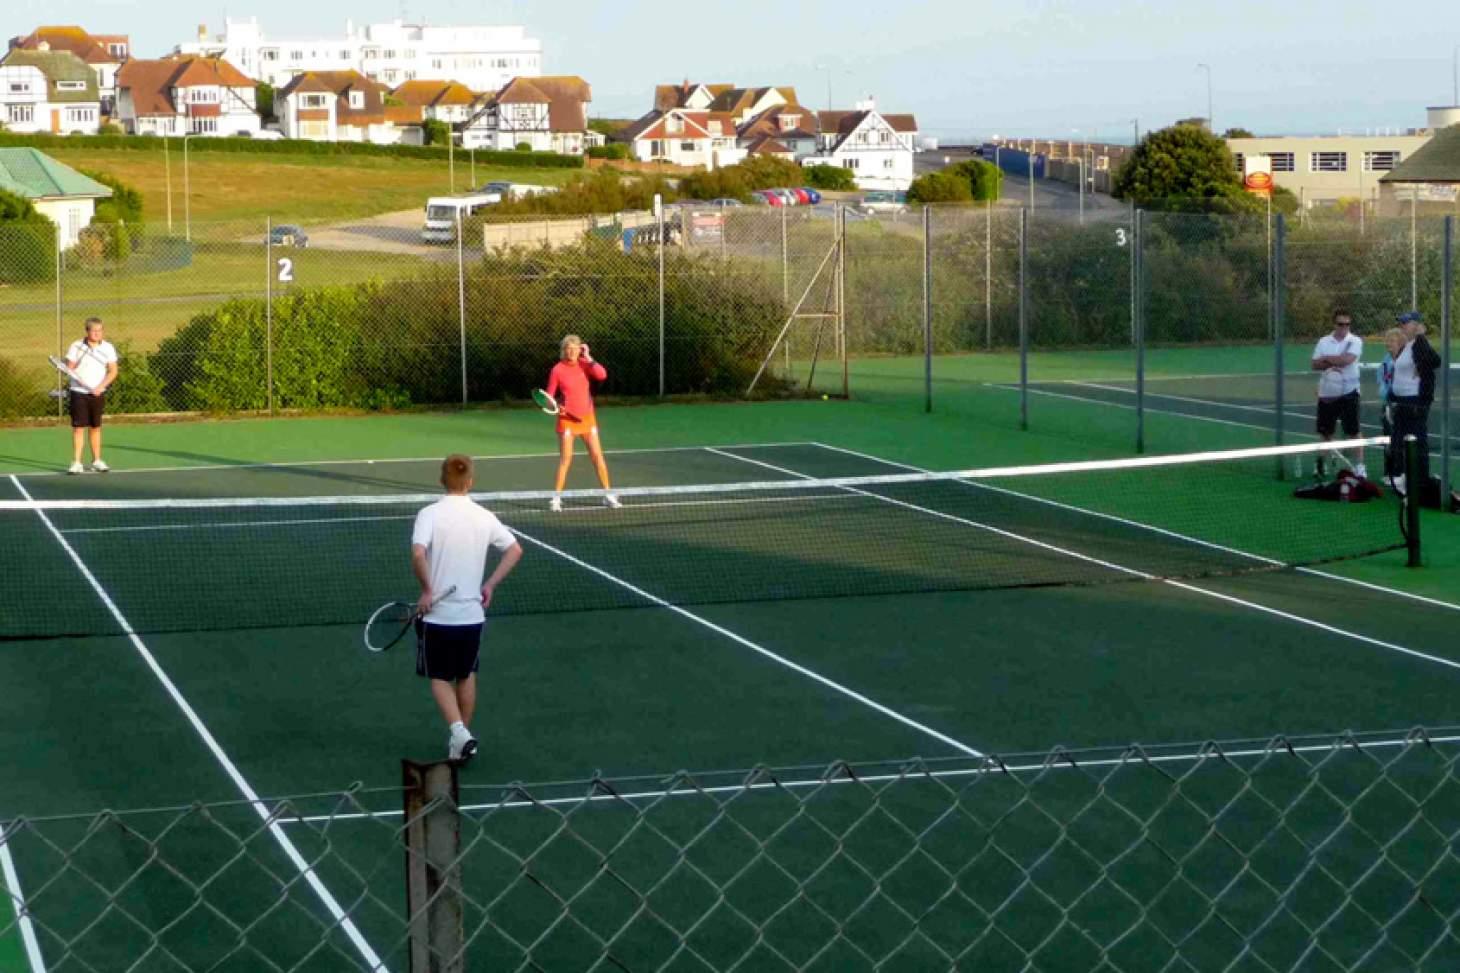 Saltdean Park Outdoor | Hard (macadam) tennis court